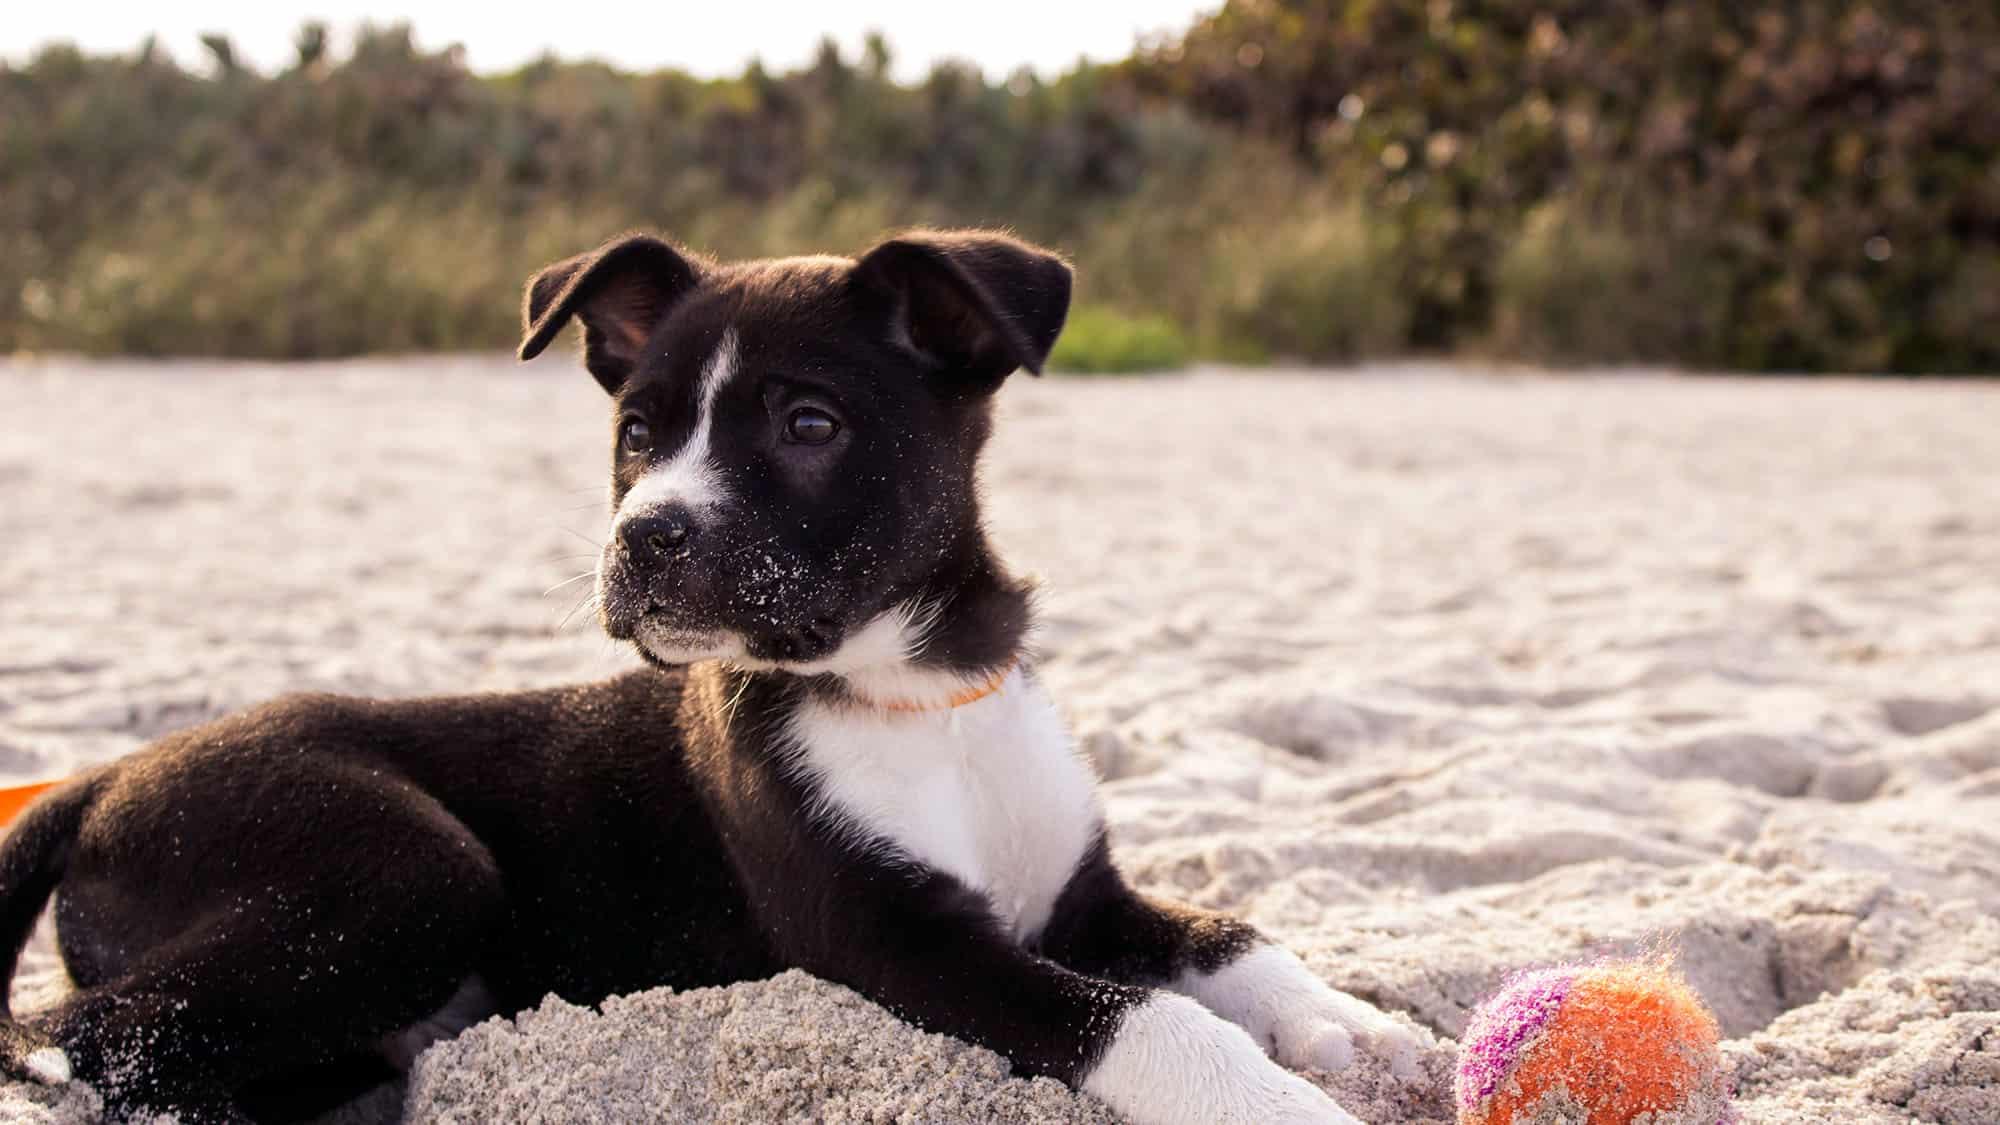 CyberPet - Boston terrier